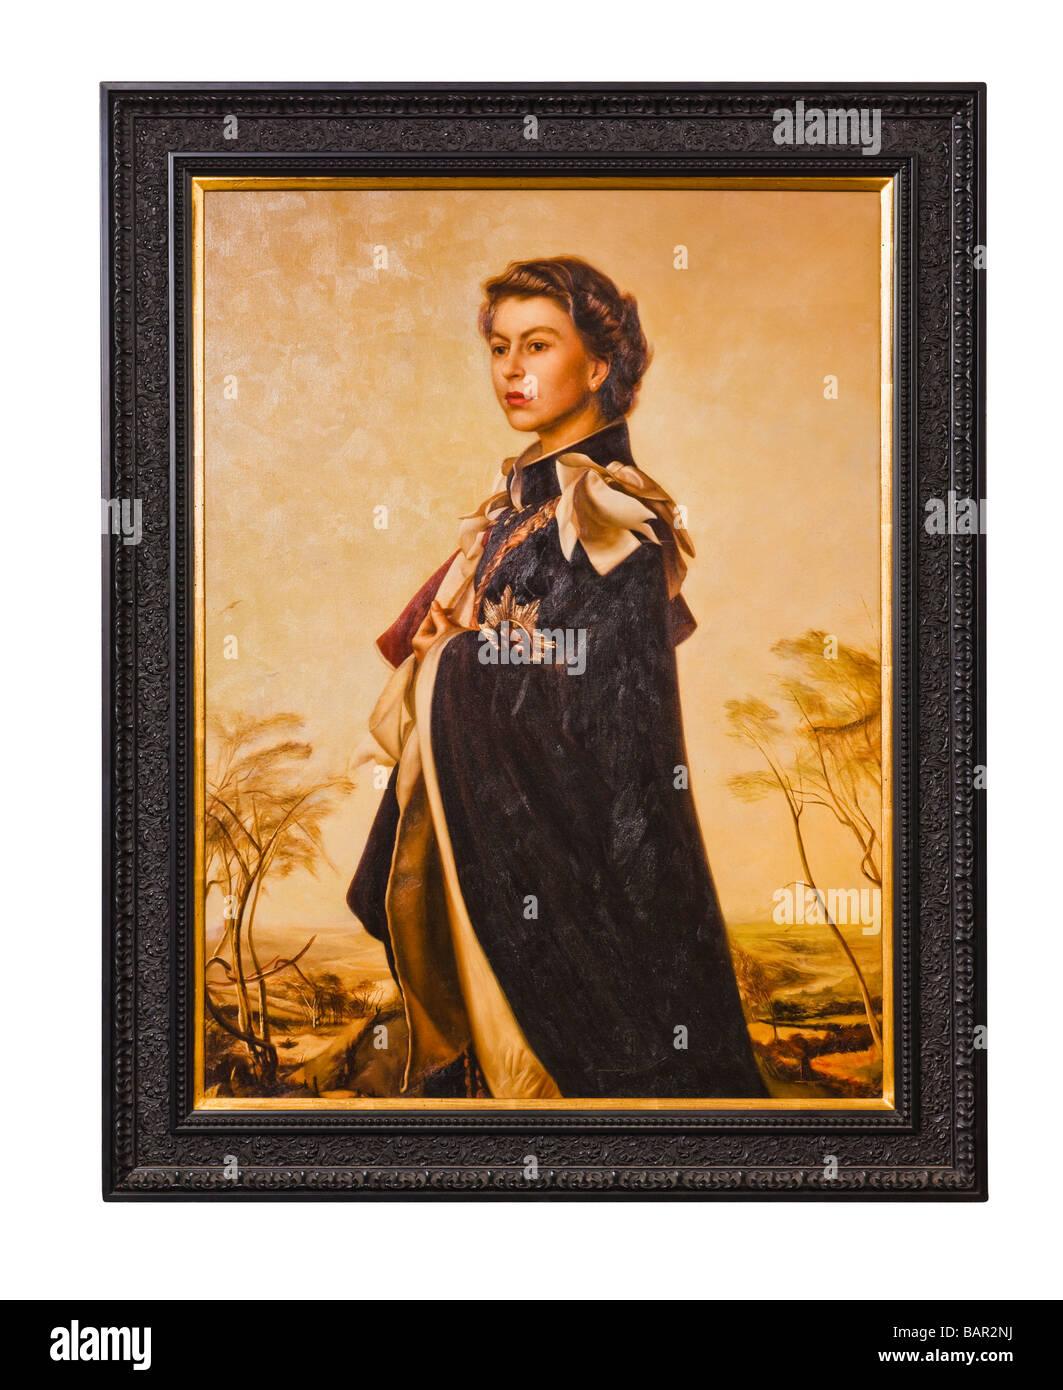 Queen Elizabeth II - Stock Image